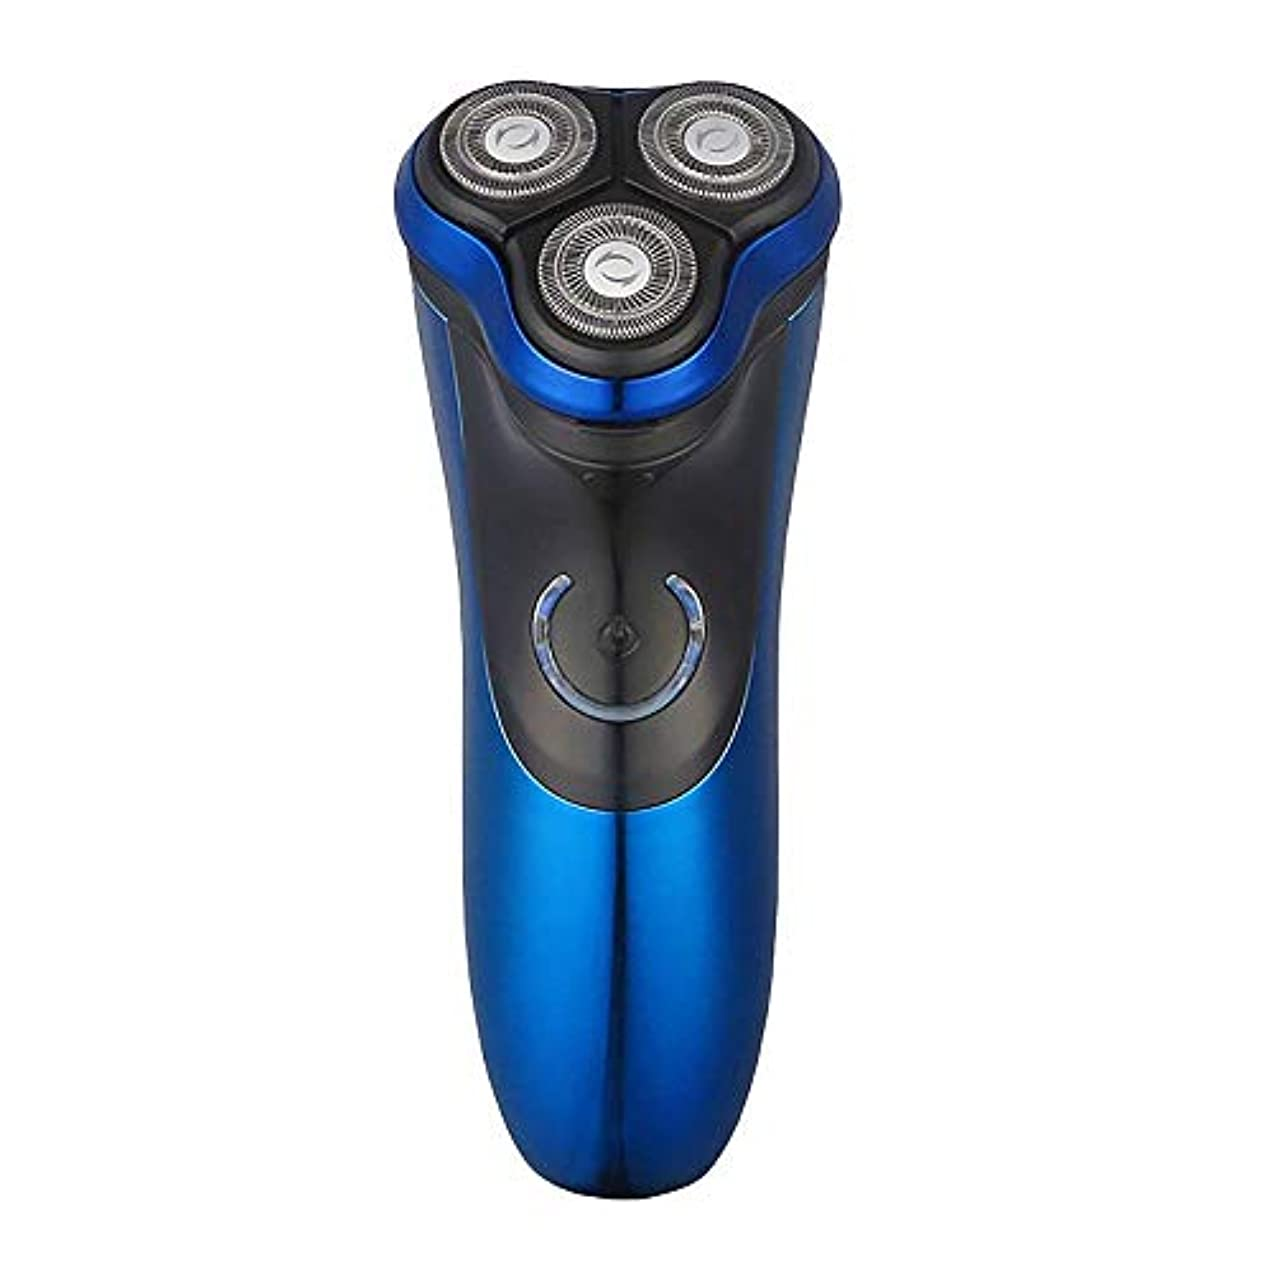 咲くリーズ裁判所メンズロータリーシェーバーポップアップトリマー付き電気シェービングカミソリ3Dフローティングヘッドワイヤレス使用男性用シェービングマシン防水コードレス充電式